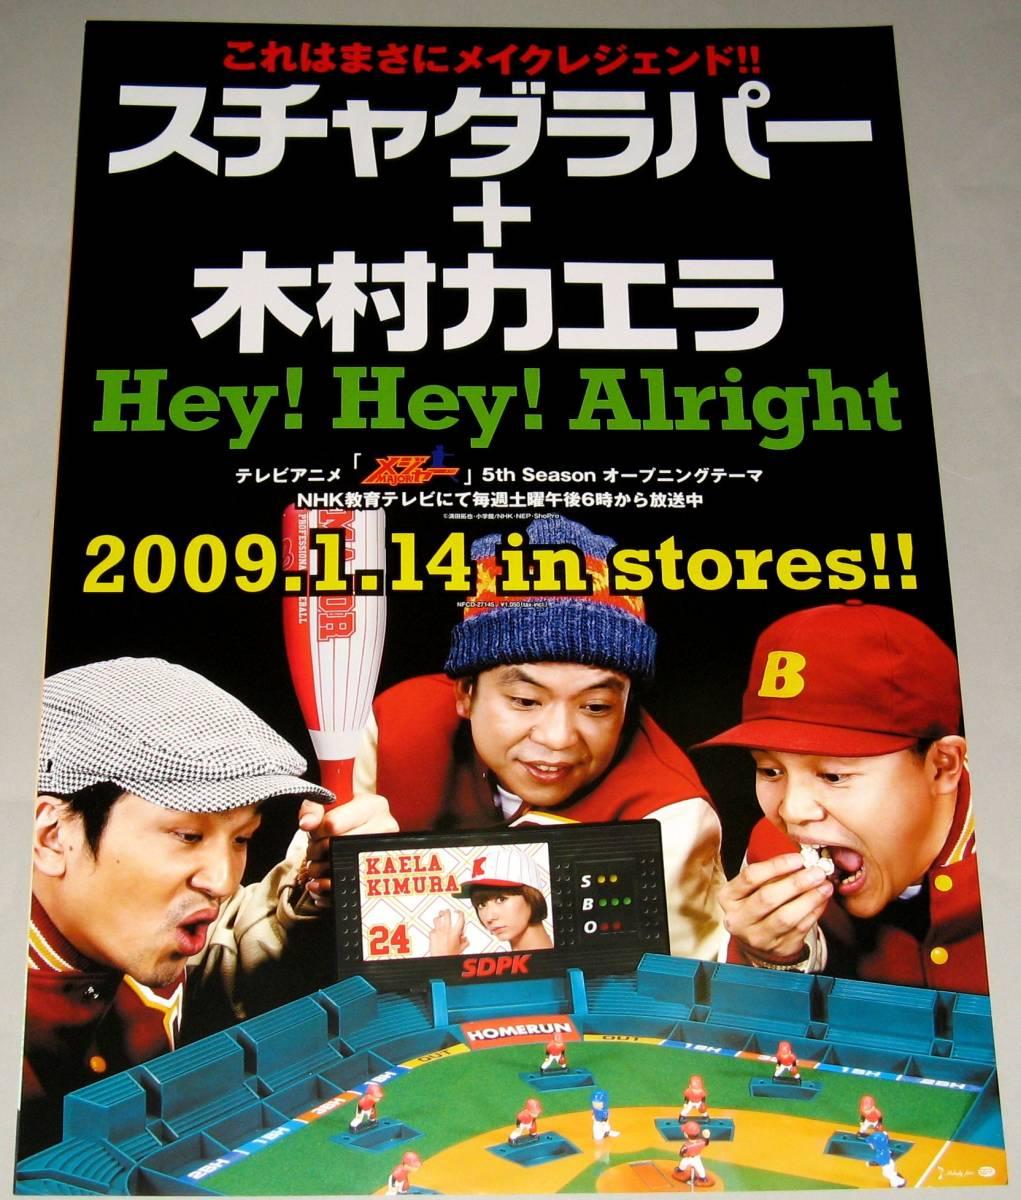 Γ14 告知ポスター スチャダラパー+木村カエラ [Hey! Hey! Alright]